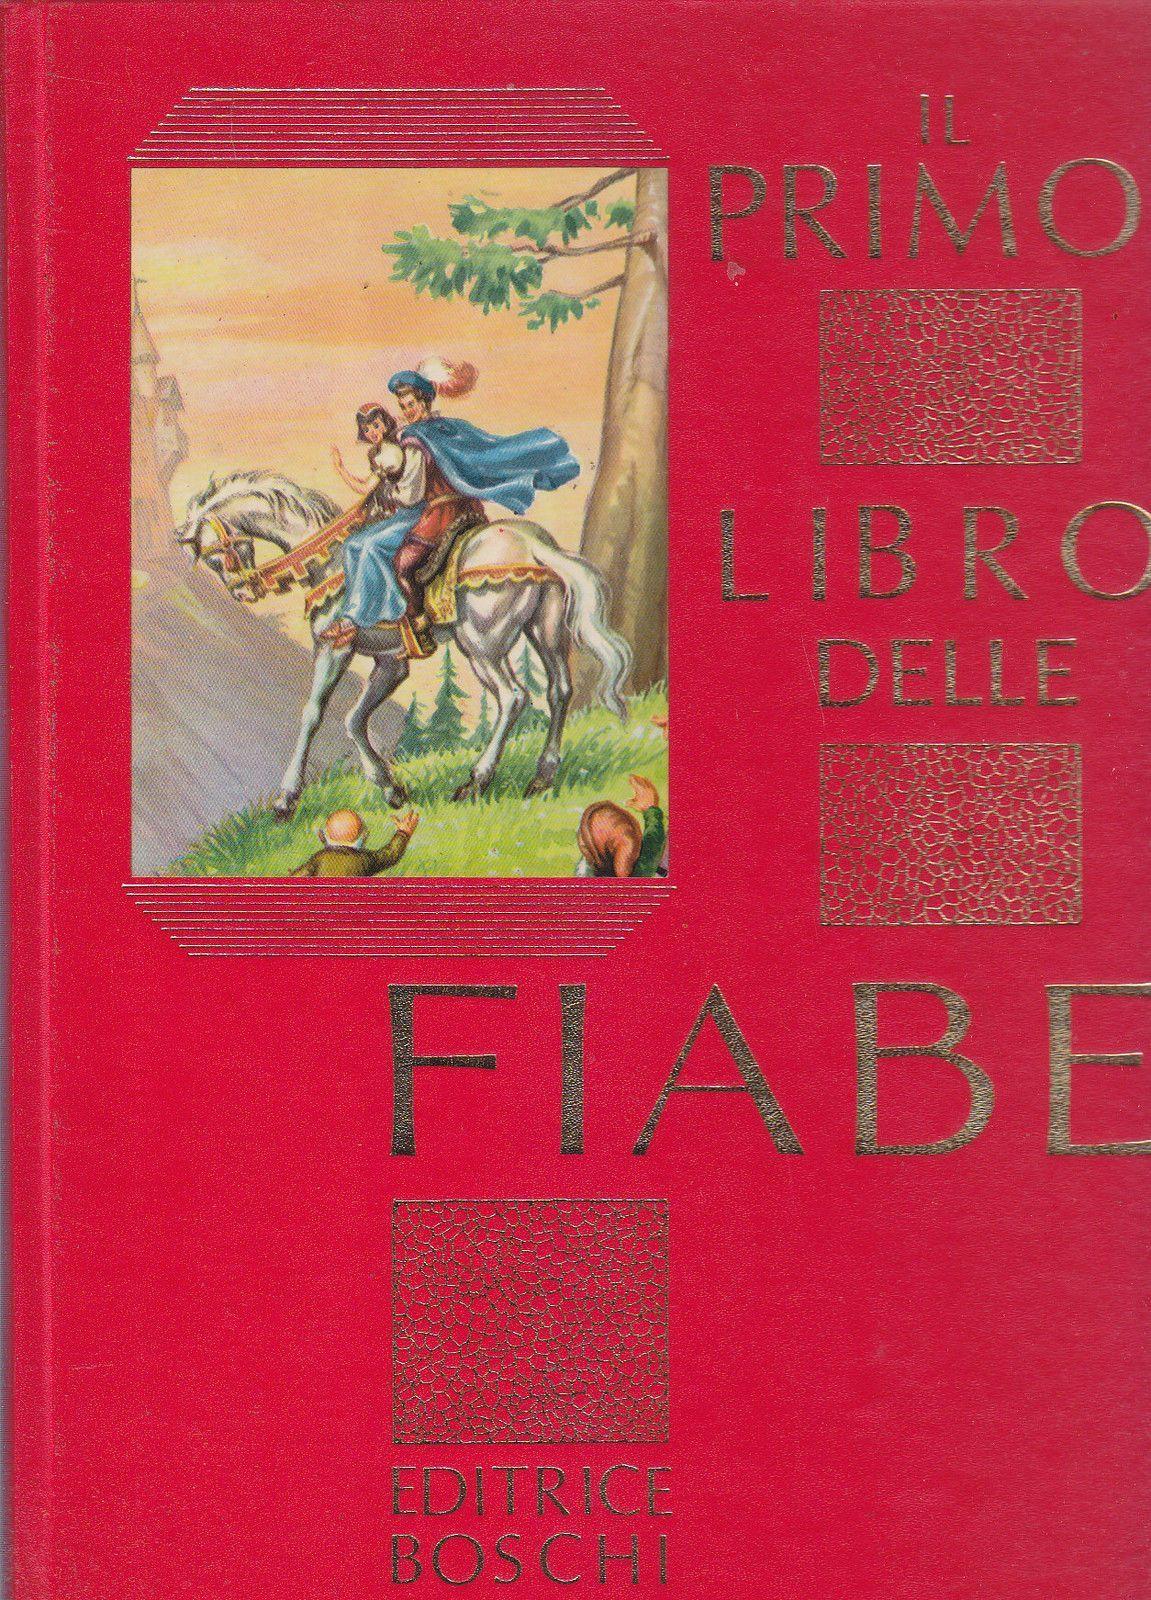 """""""Il primo libro delle fiabe"""" (Editrice Boschi): scusate, ma che libro è?"""